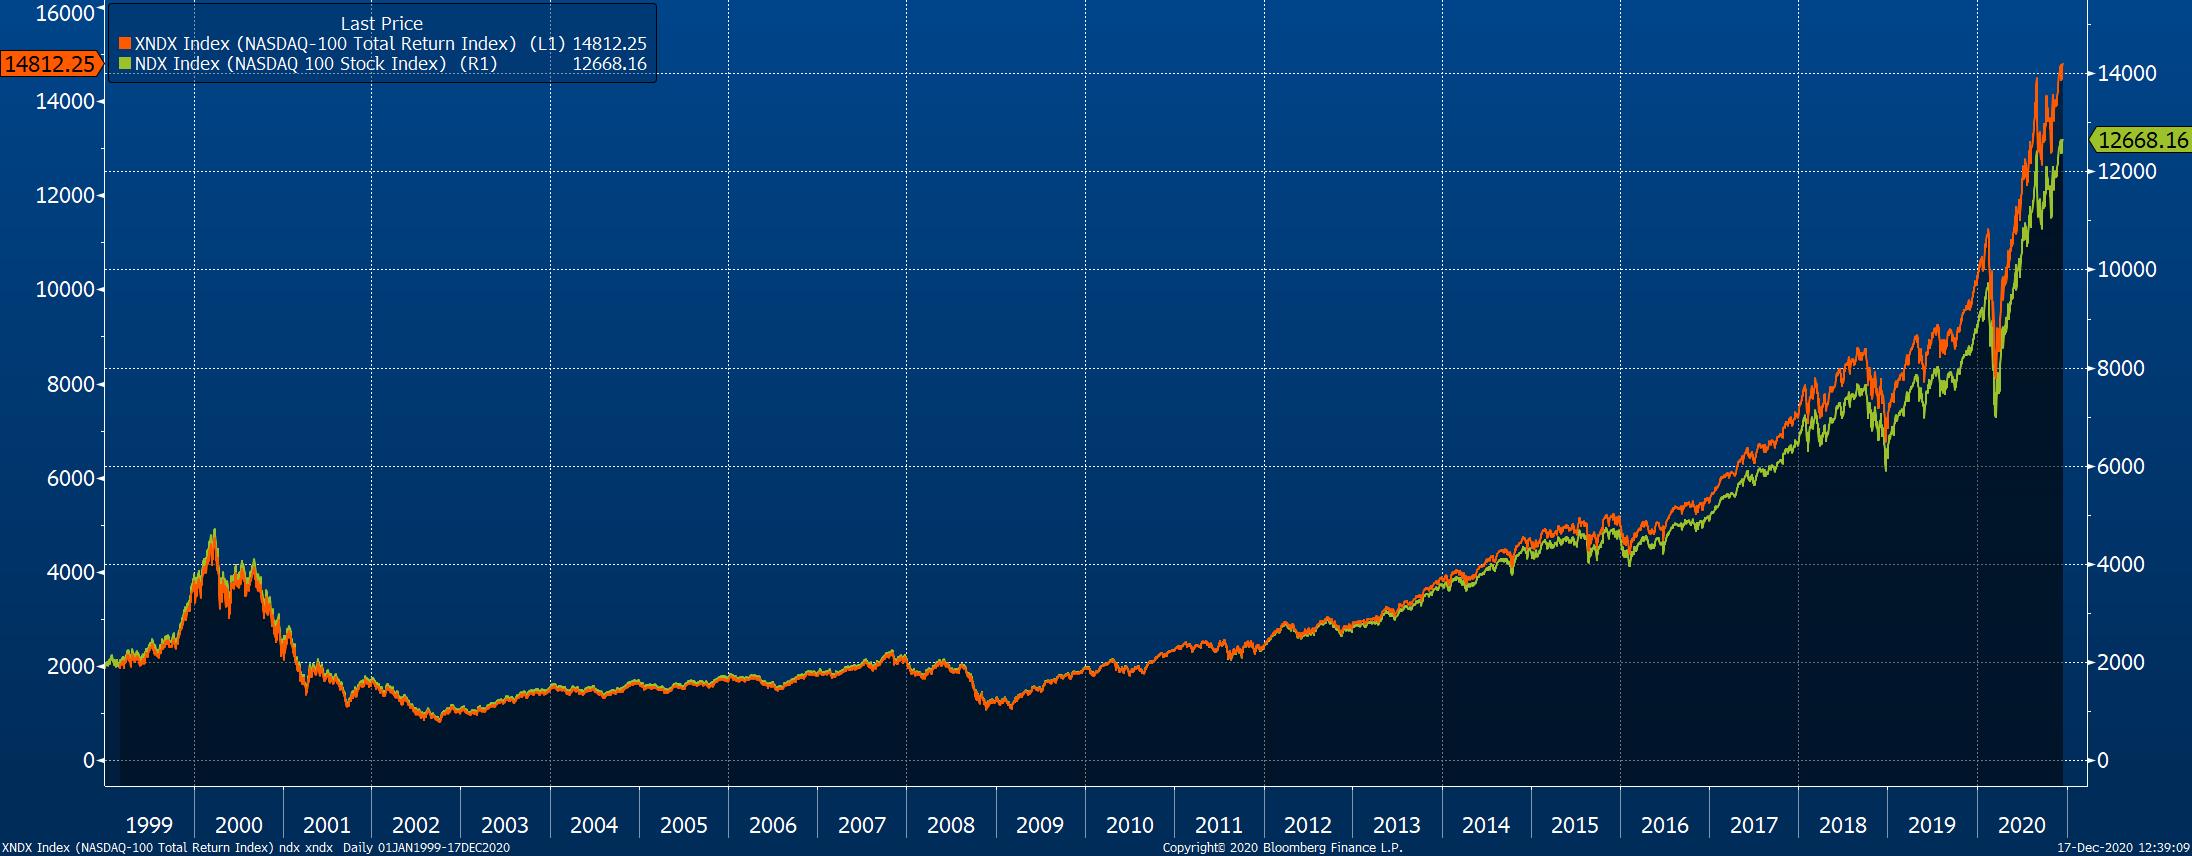 Vývoj indexu Nasdaq-100 (zelená) a indexu Nasdaq-100 Total Return (oranžová, hodnoty před rokem 2009 dopočítány)